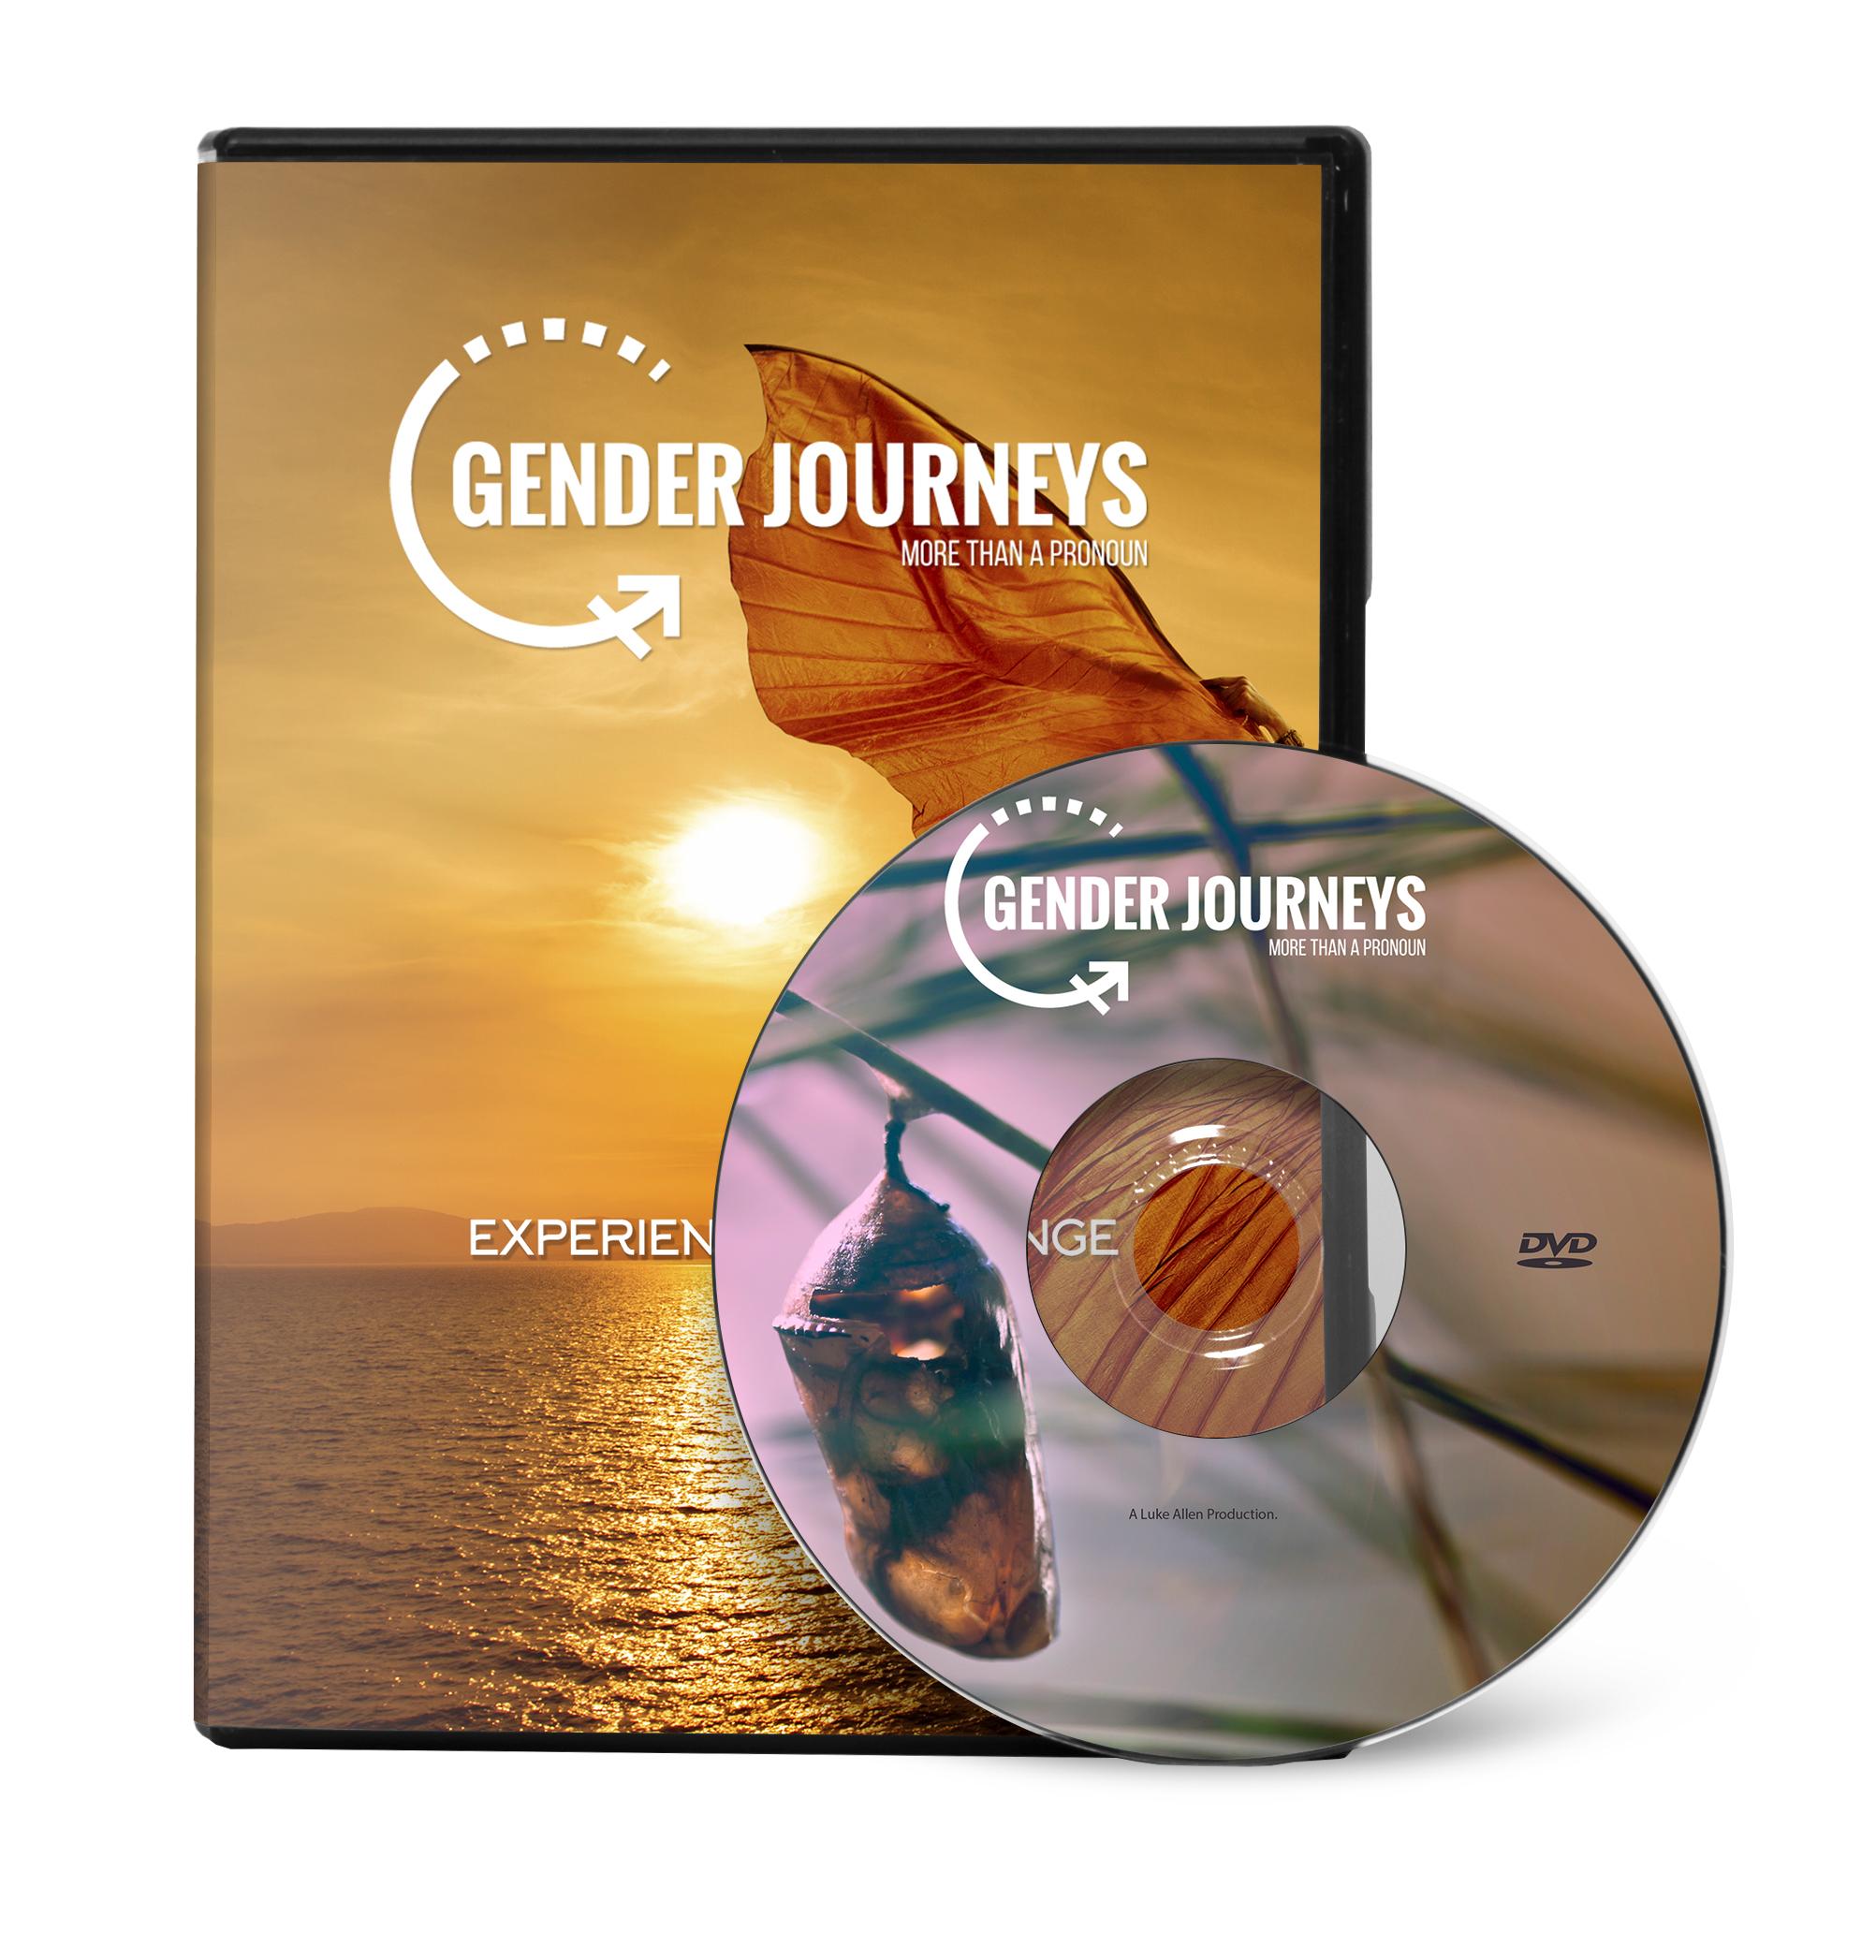 GJ_DVD.jpg